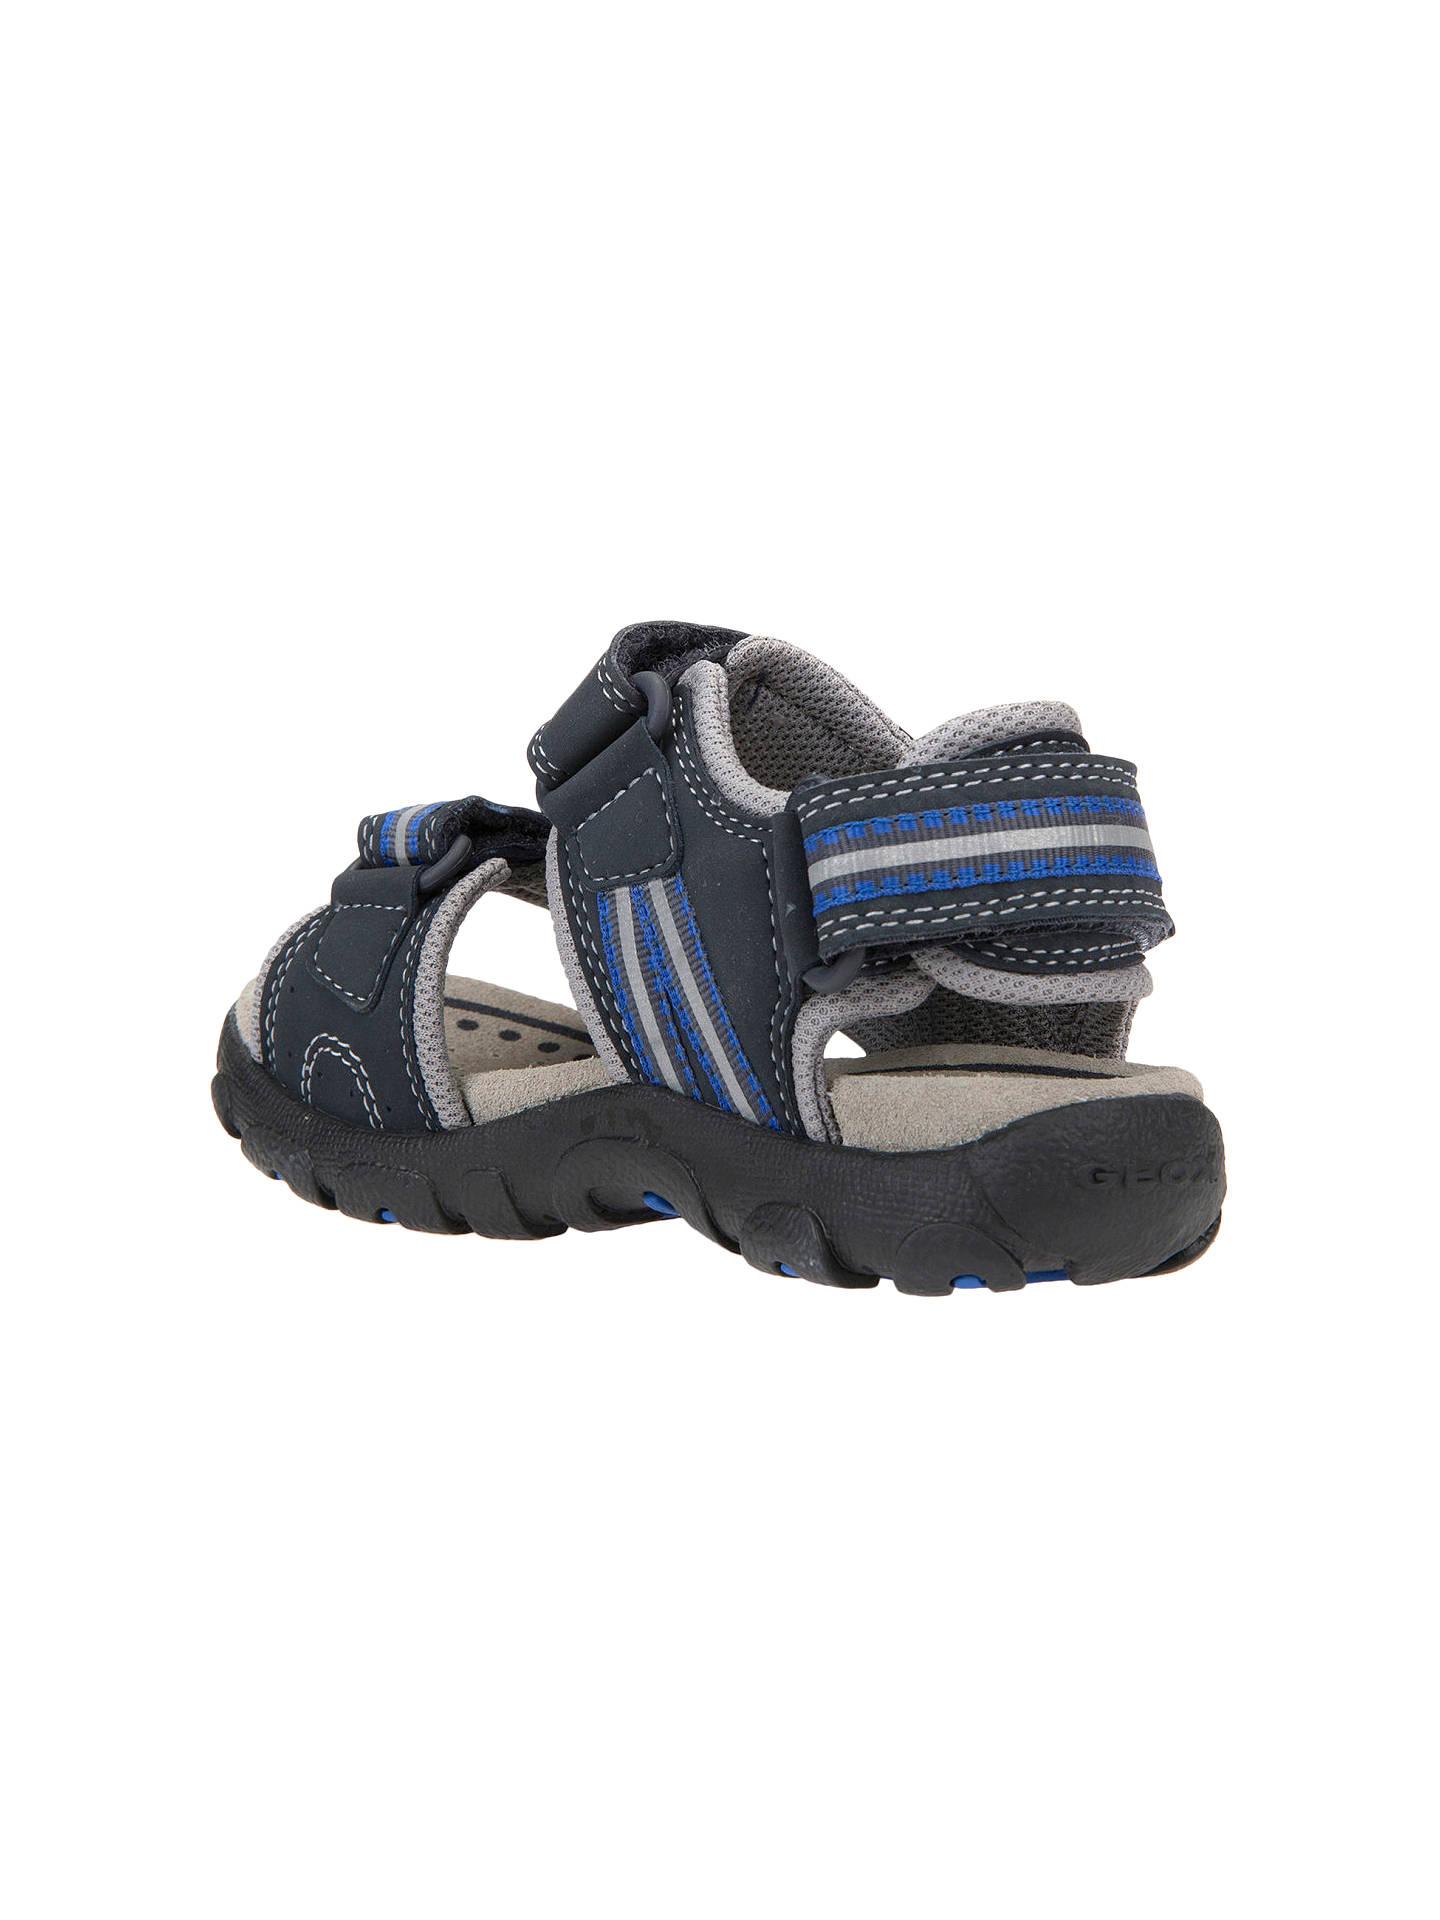 4383efe7c074 ... Buy Geox Children s Junior Strada Sandals